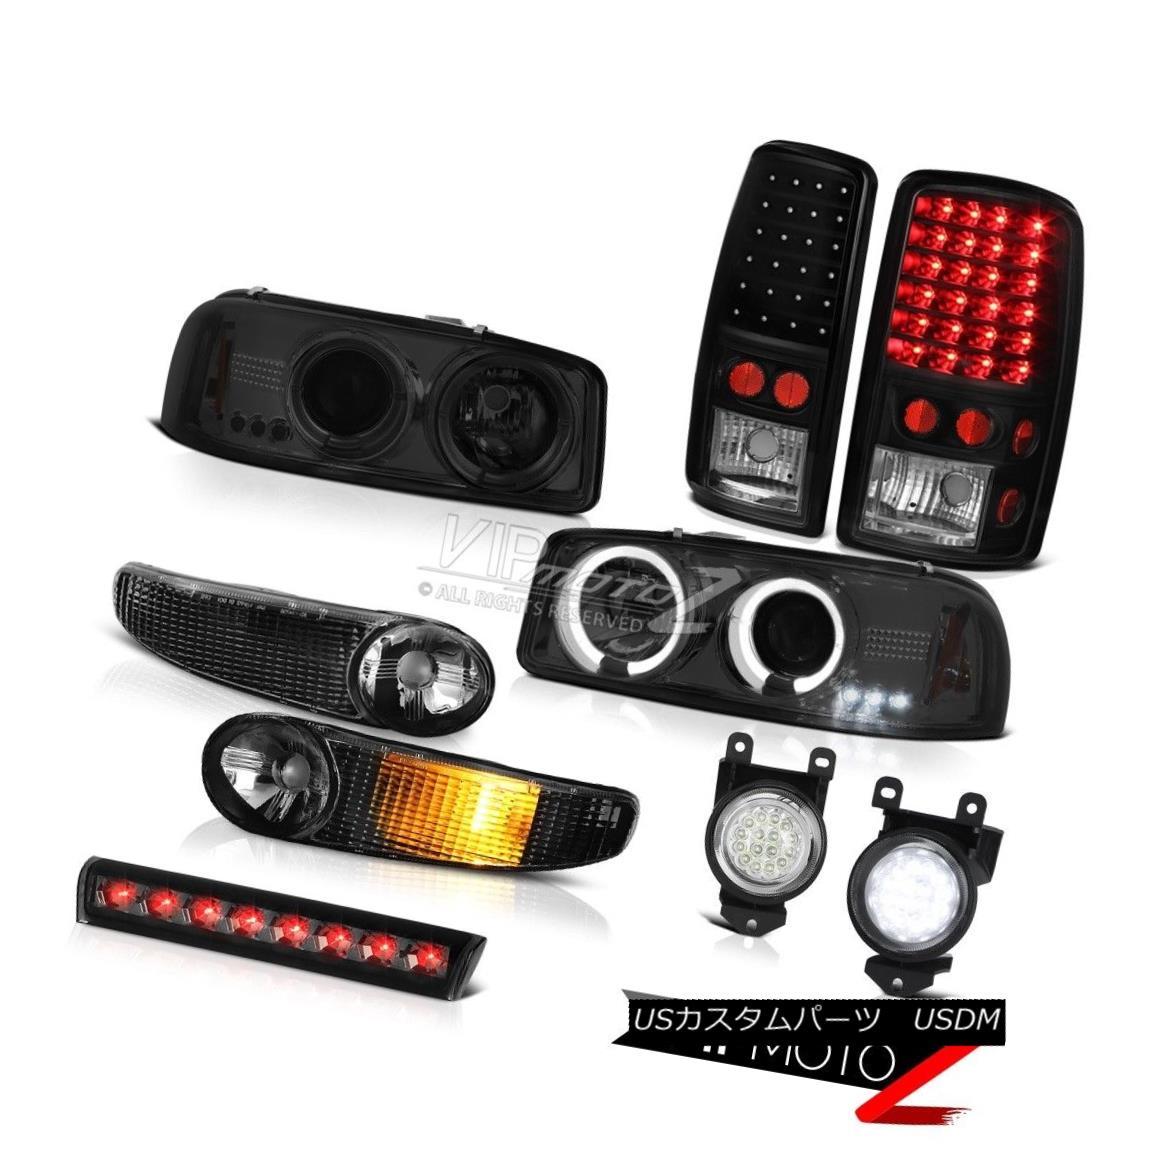 ヘッドライト 01-06 Yukon Denali Headlight LED Halo Signal Brake Tail Lights Driving FogLight 01-06ユーコンデナリヘッドライトLEDハロー信号ブレーキテールライトフォグライト